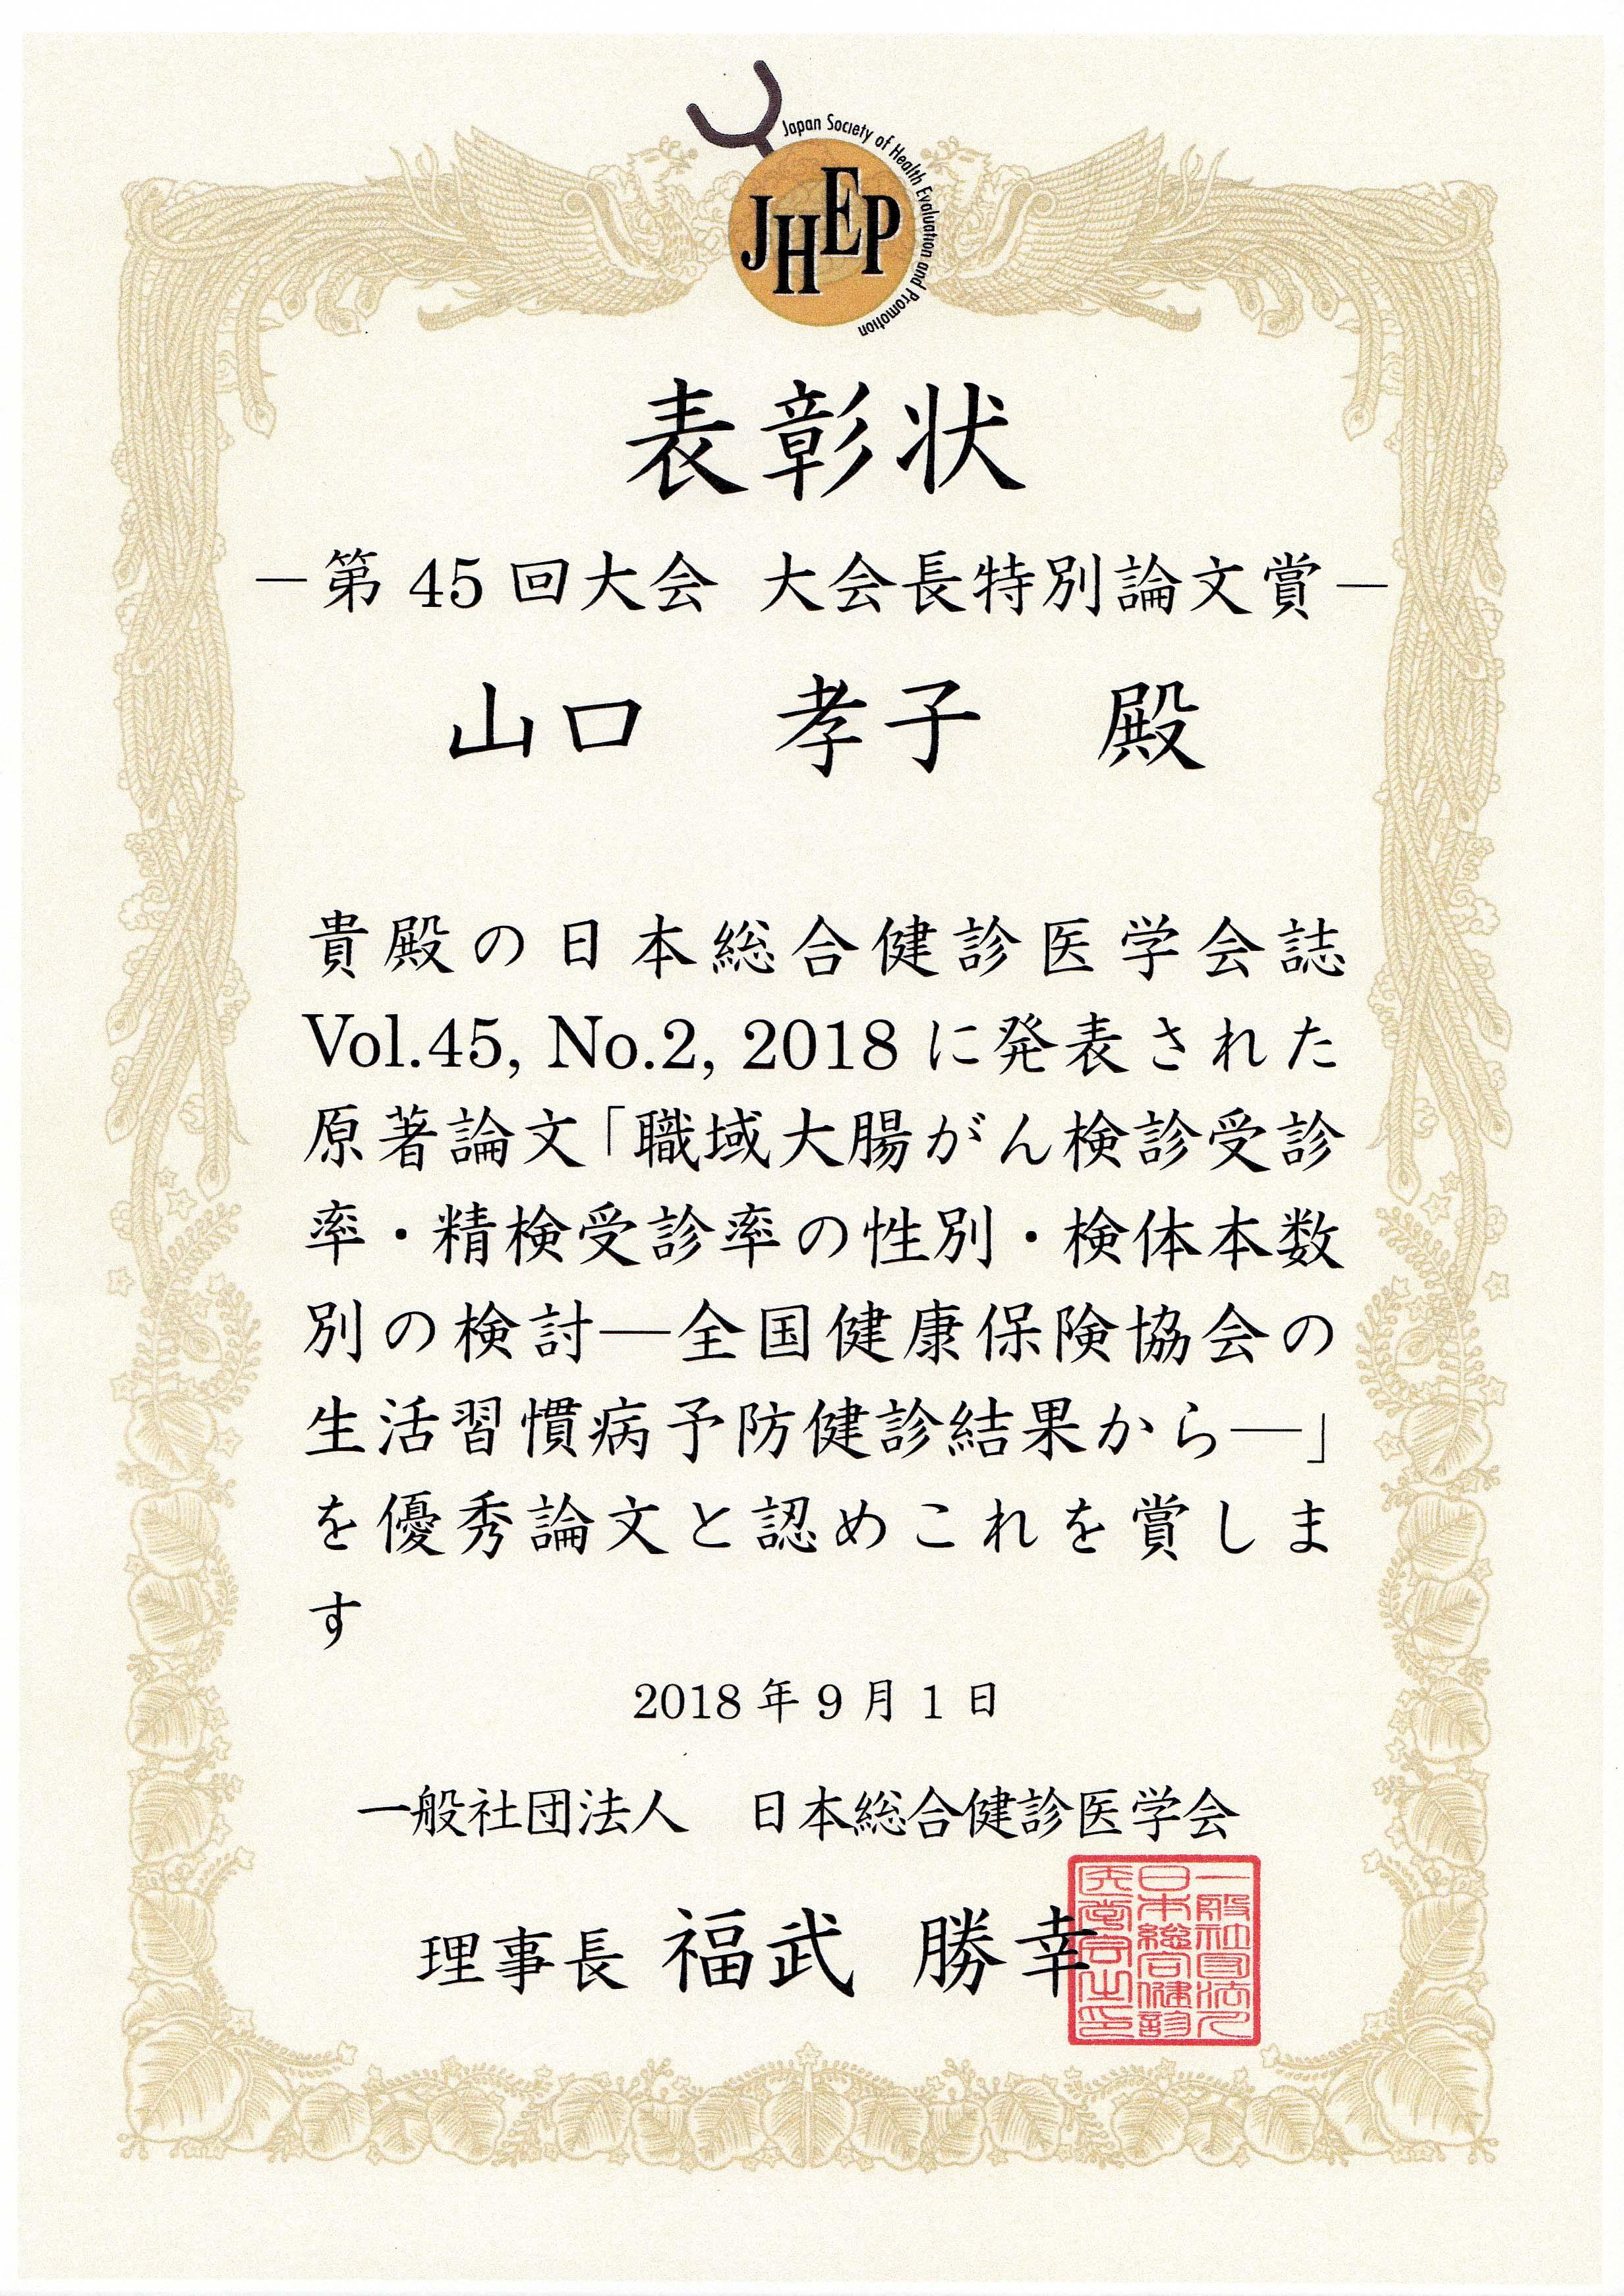 第45回大会長特別論文賞